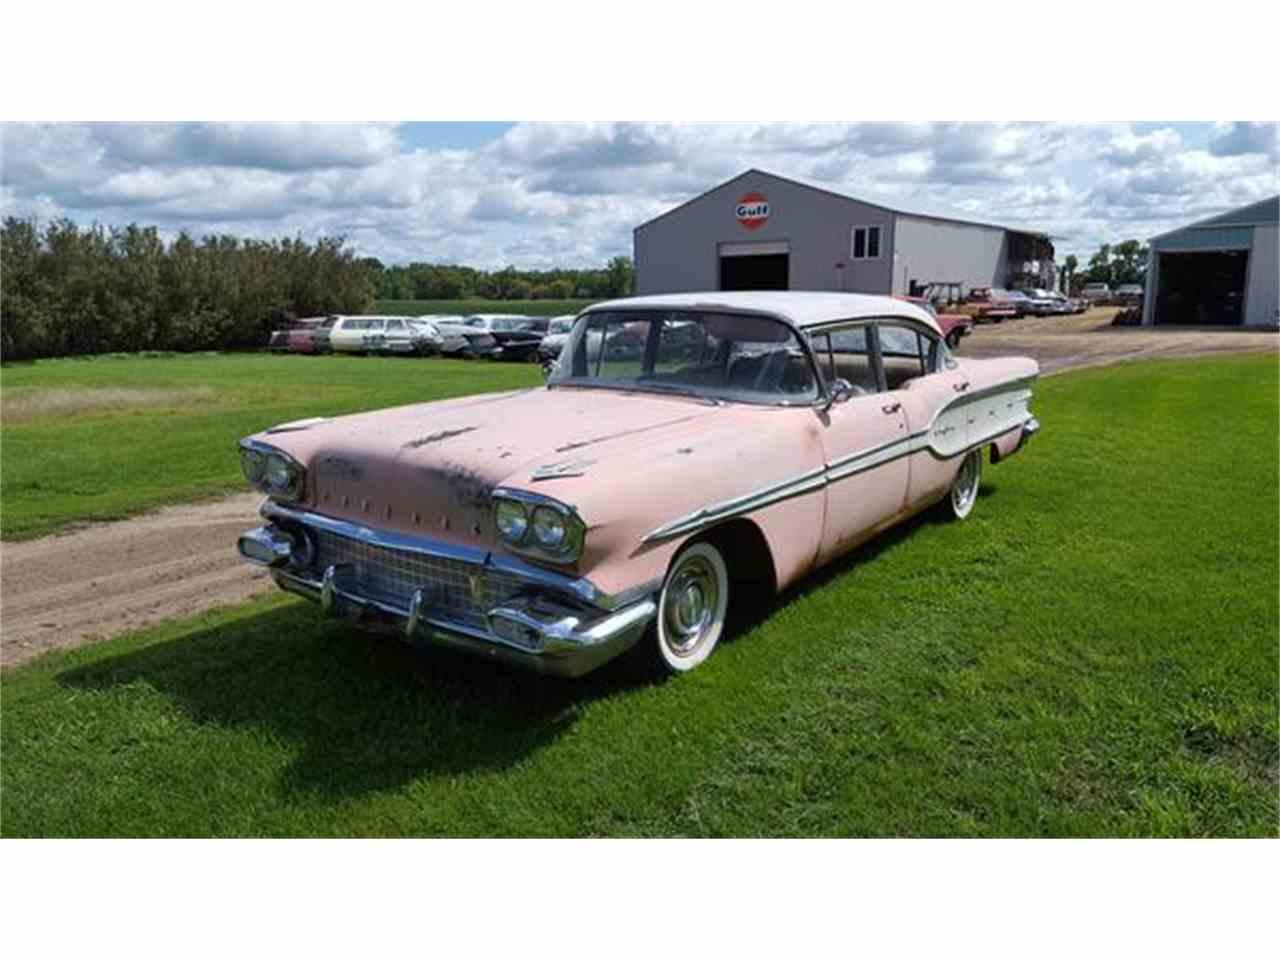 Pics photos 1958 pontiac for sale - 1958 Pontiac Chieftain For Sale Cc 1014555